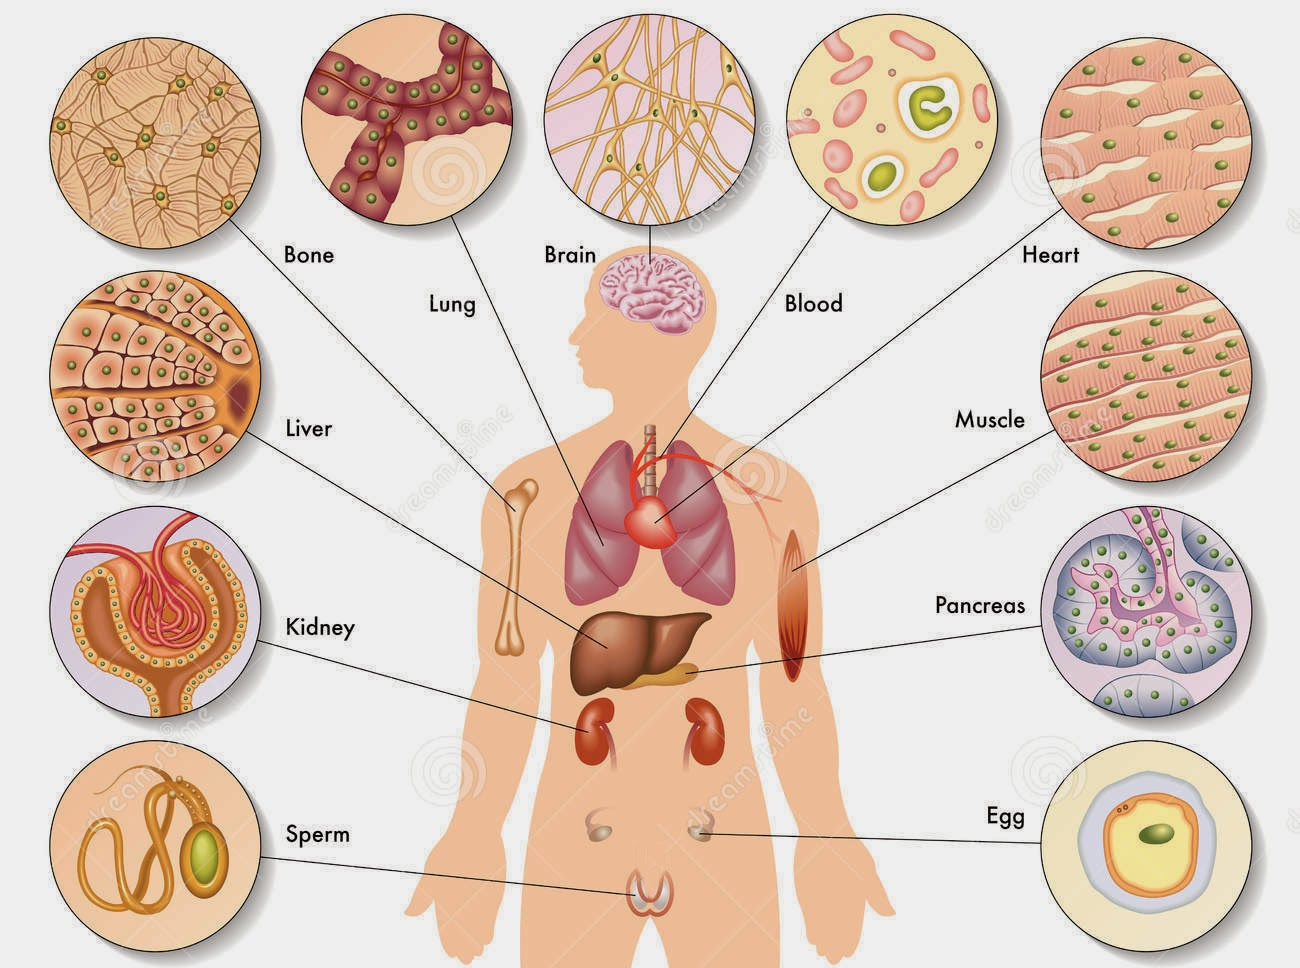 skolko-sperma-nahoditsya-v-organizme